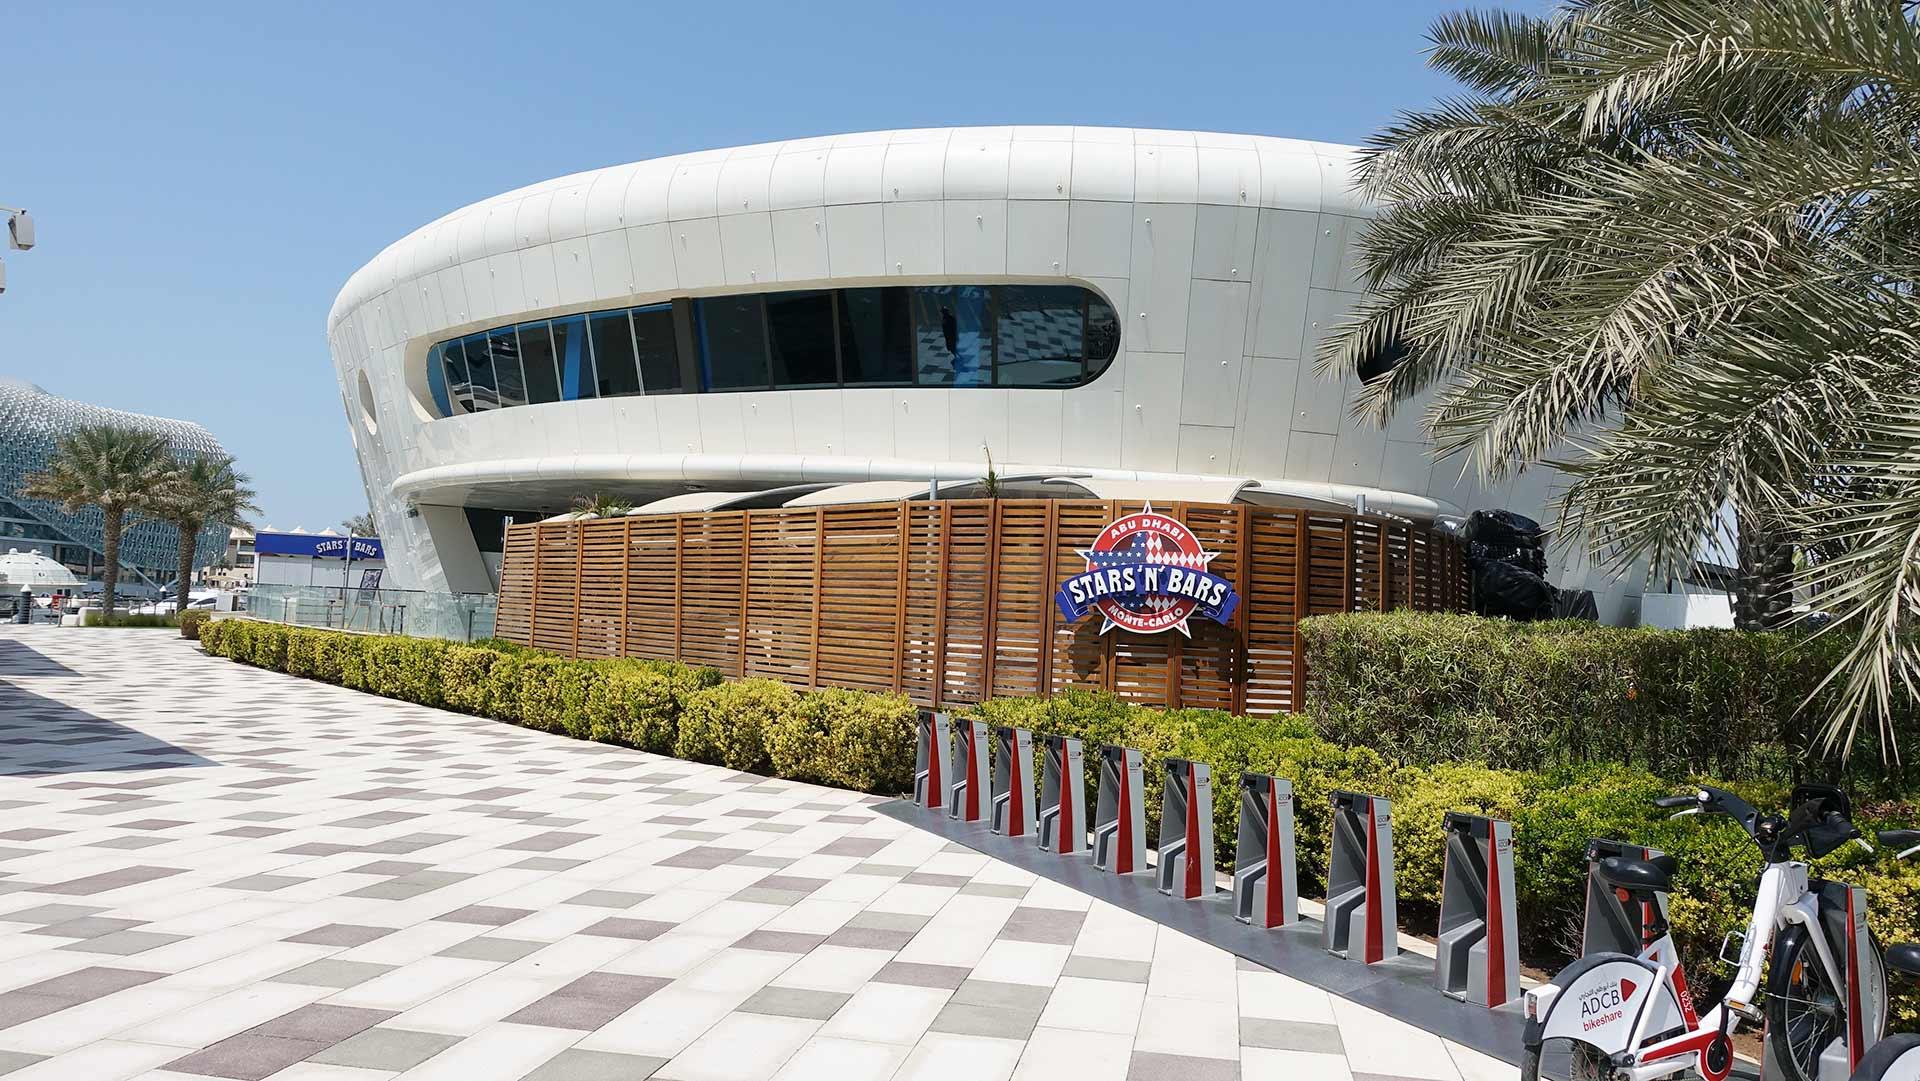 Stars N Bars - Abu Dhabi, UAE